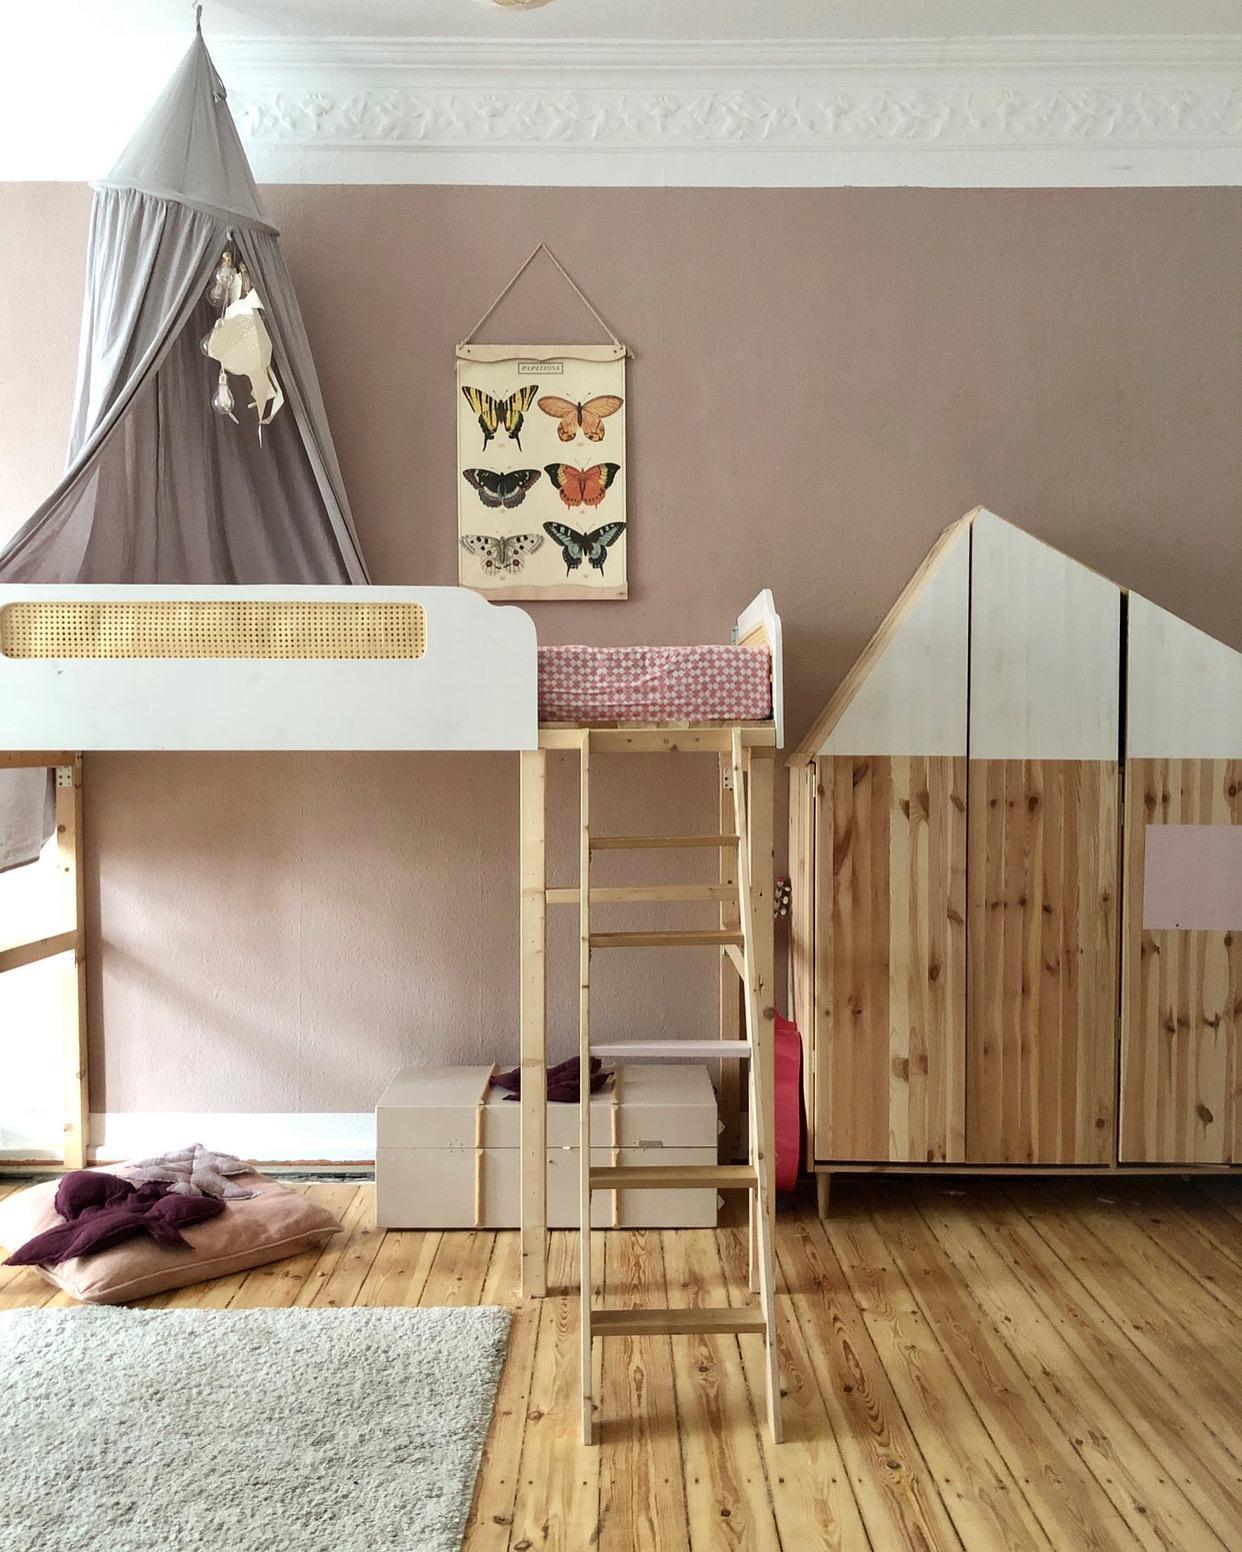 Full Size of Hochbetten Kinderzimmer Platzsparend Und Trotzdem Schn Regal Weiß Regale Sofa Kinderzimmer Hochbetten Kinderzimmer